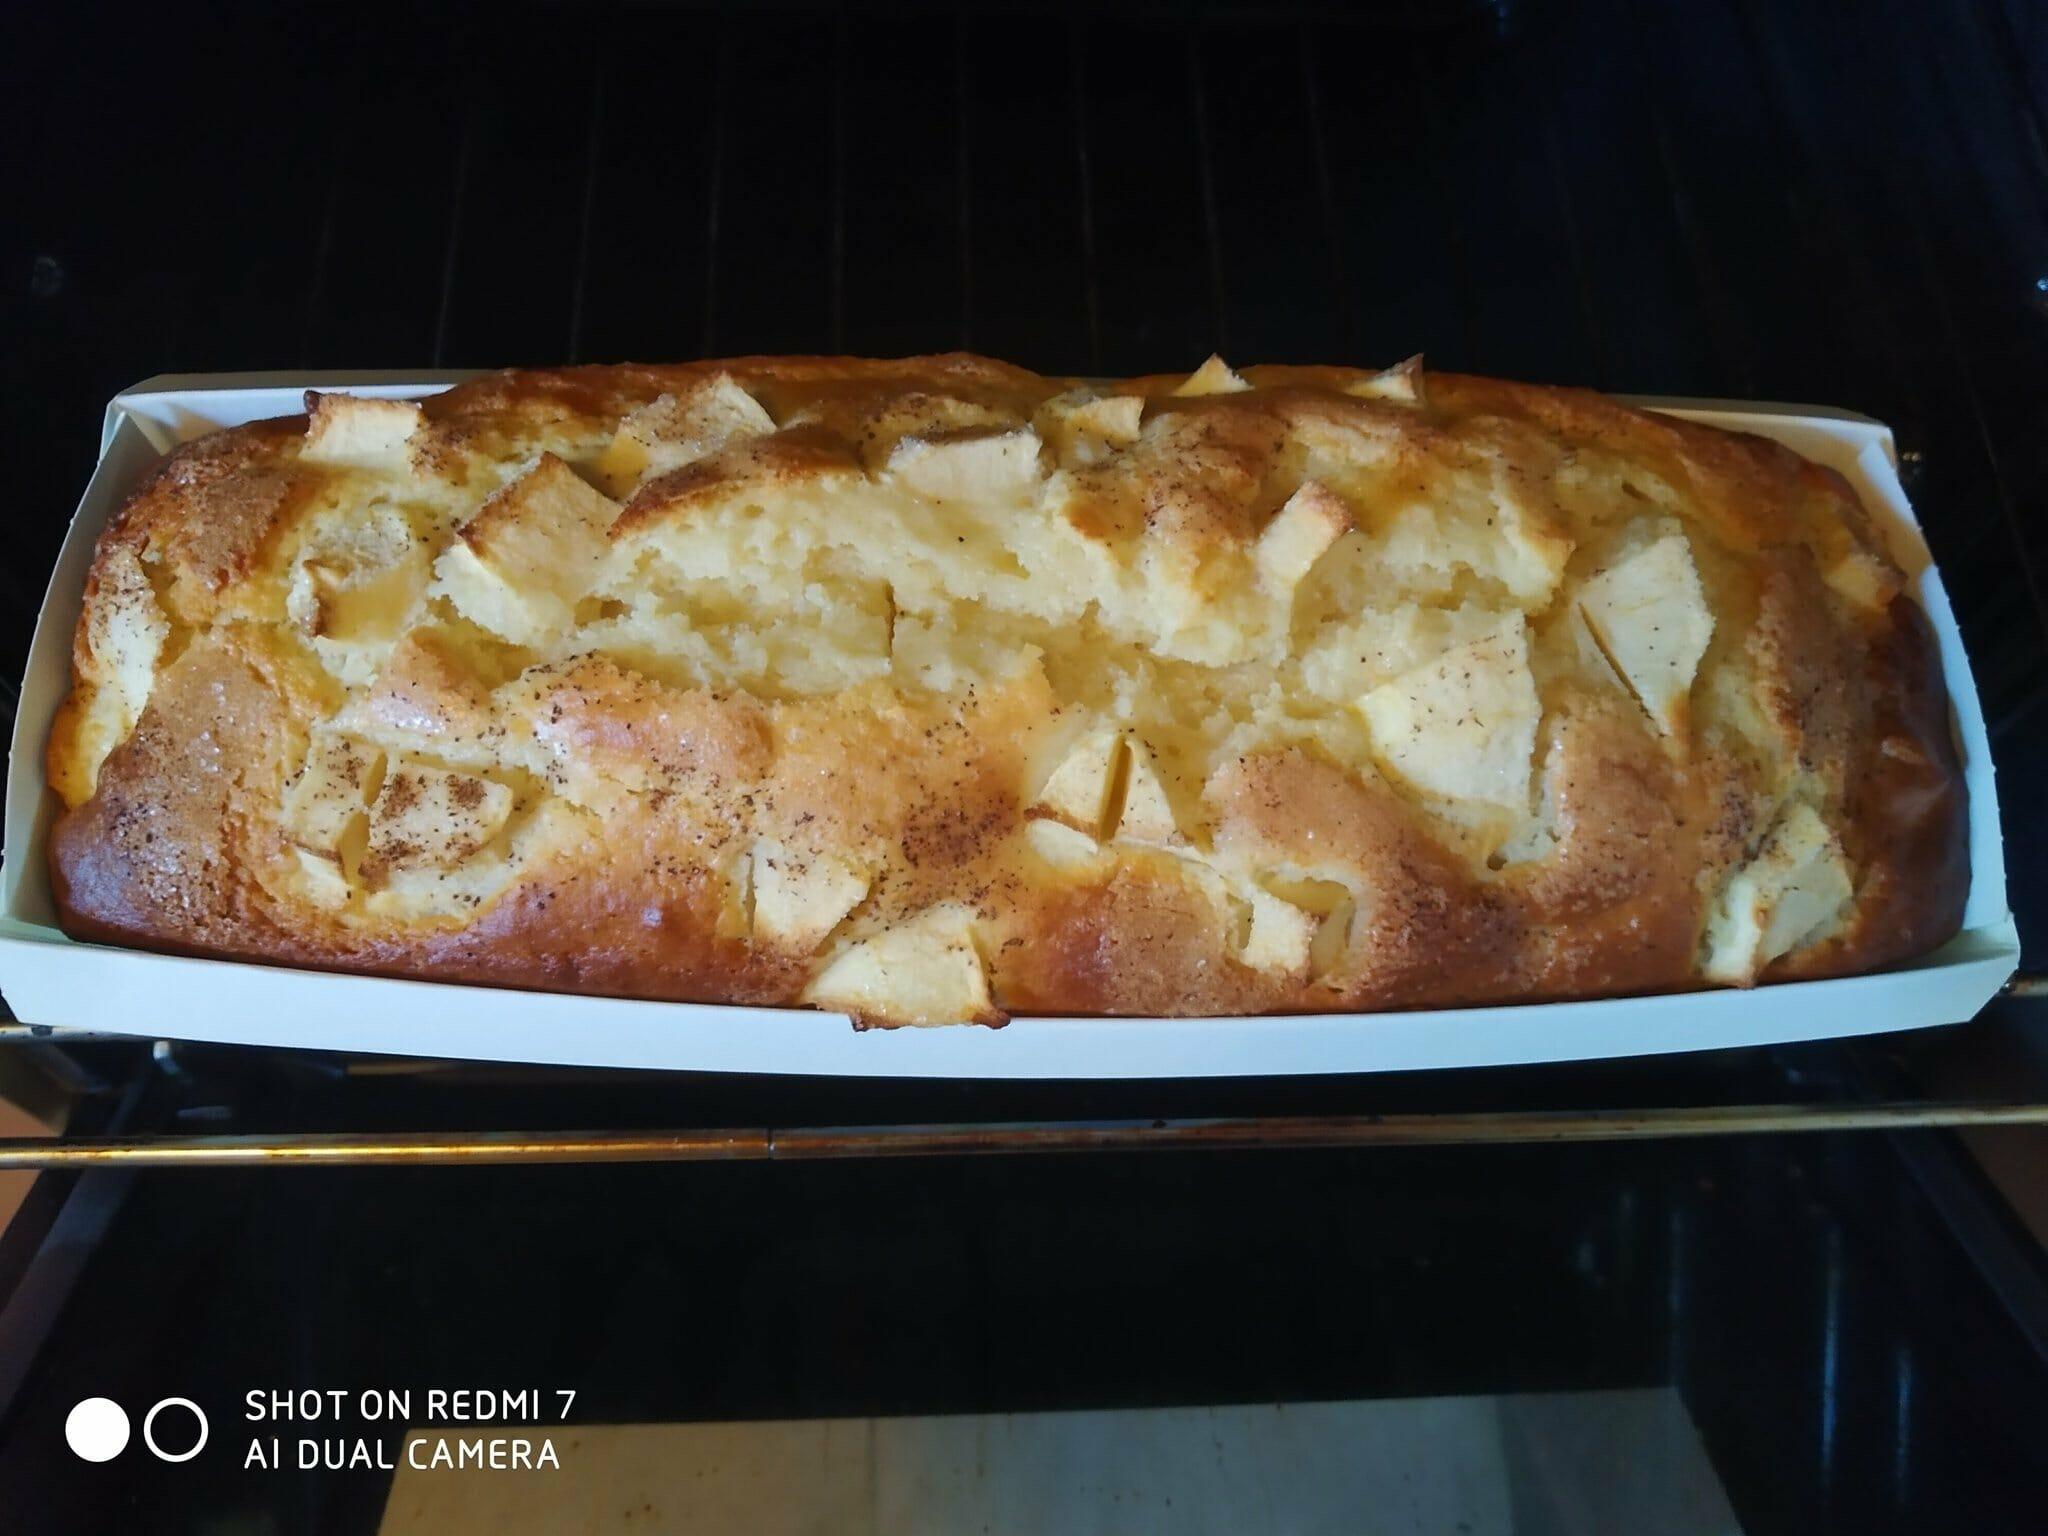 מאפינס עם תפוחים איטלקיות בטעם מושלם